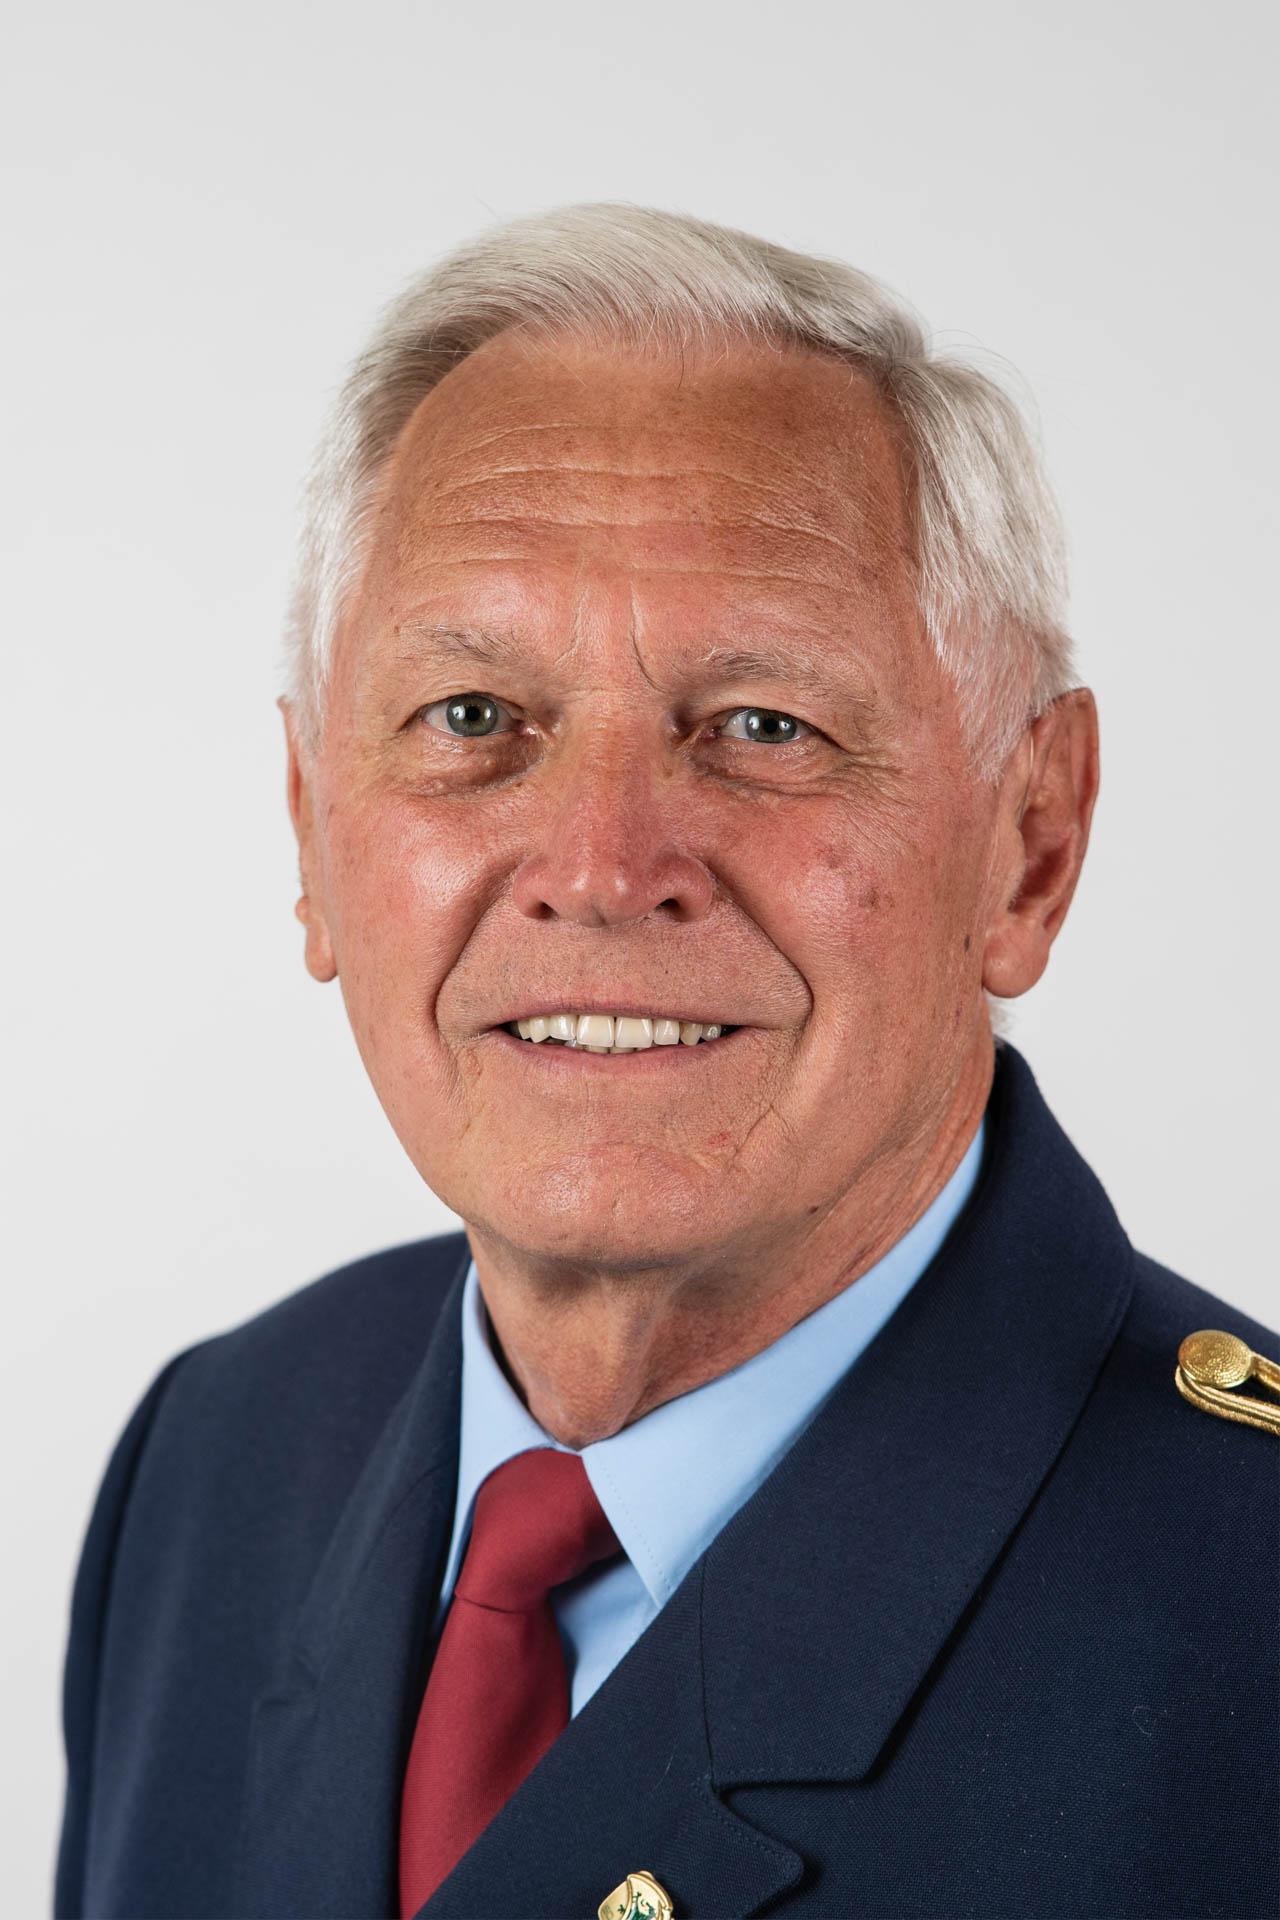 Wilhelm Tscherner